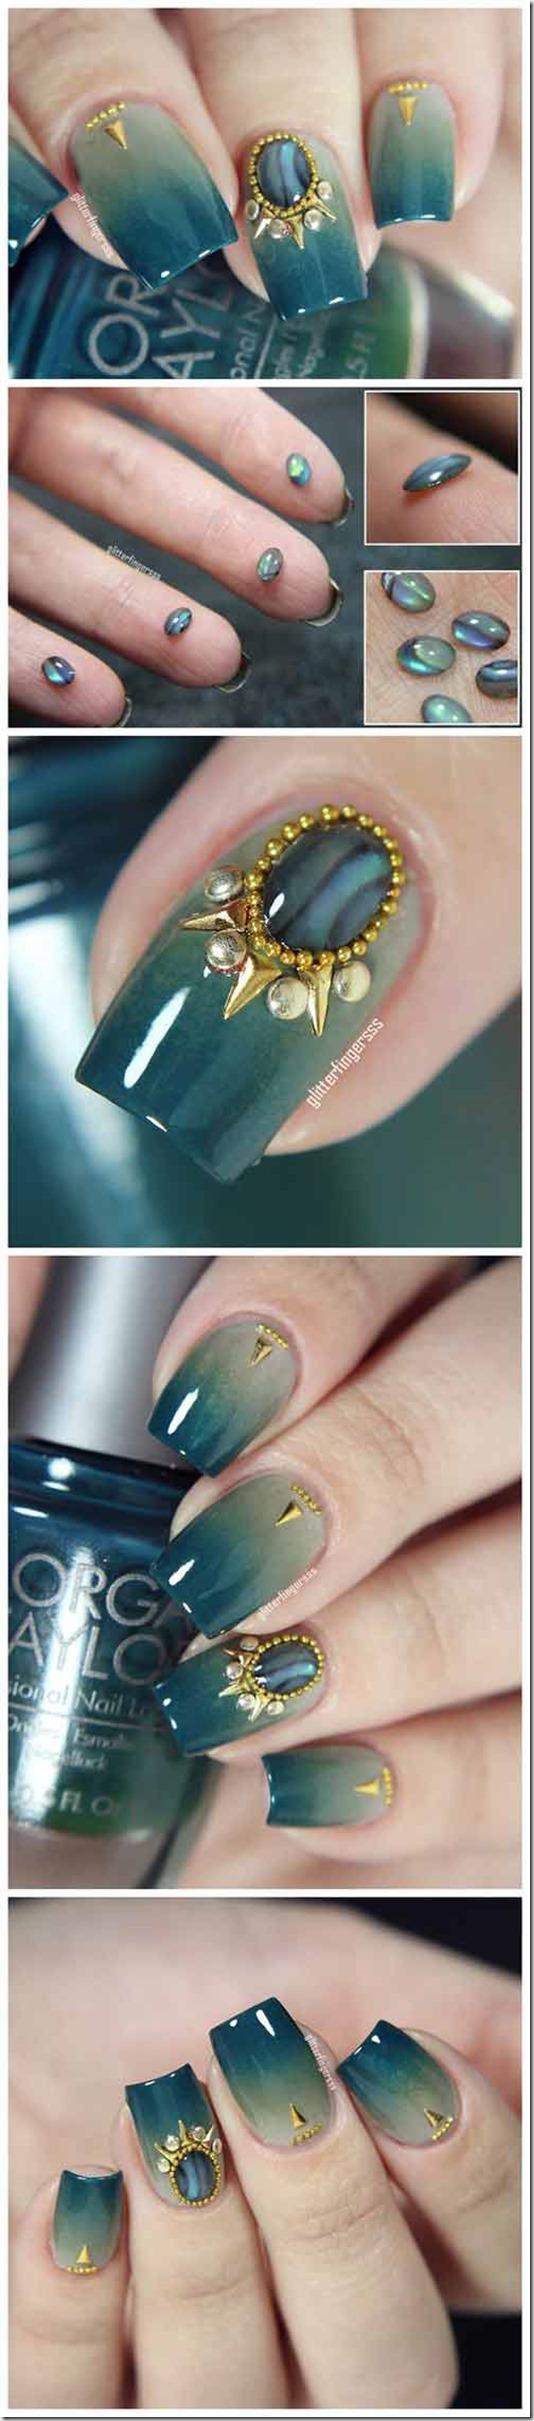 Emerald-Toned 3D Nails